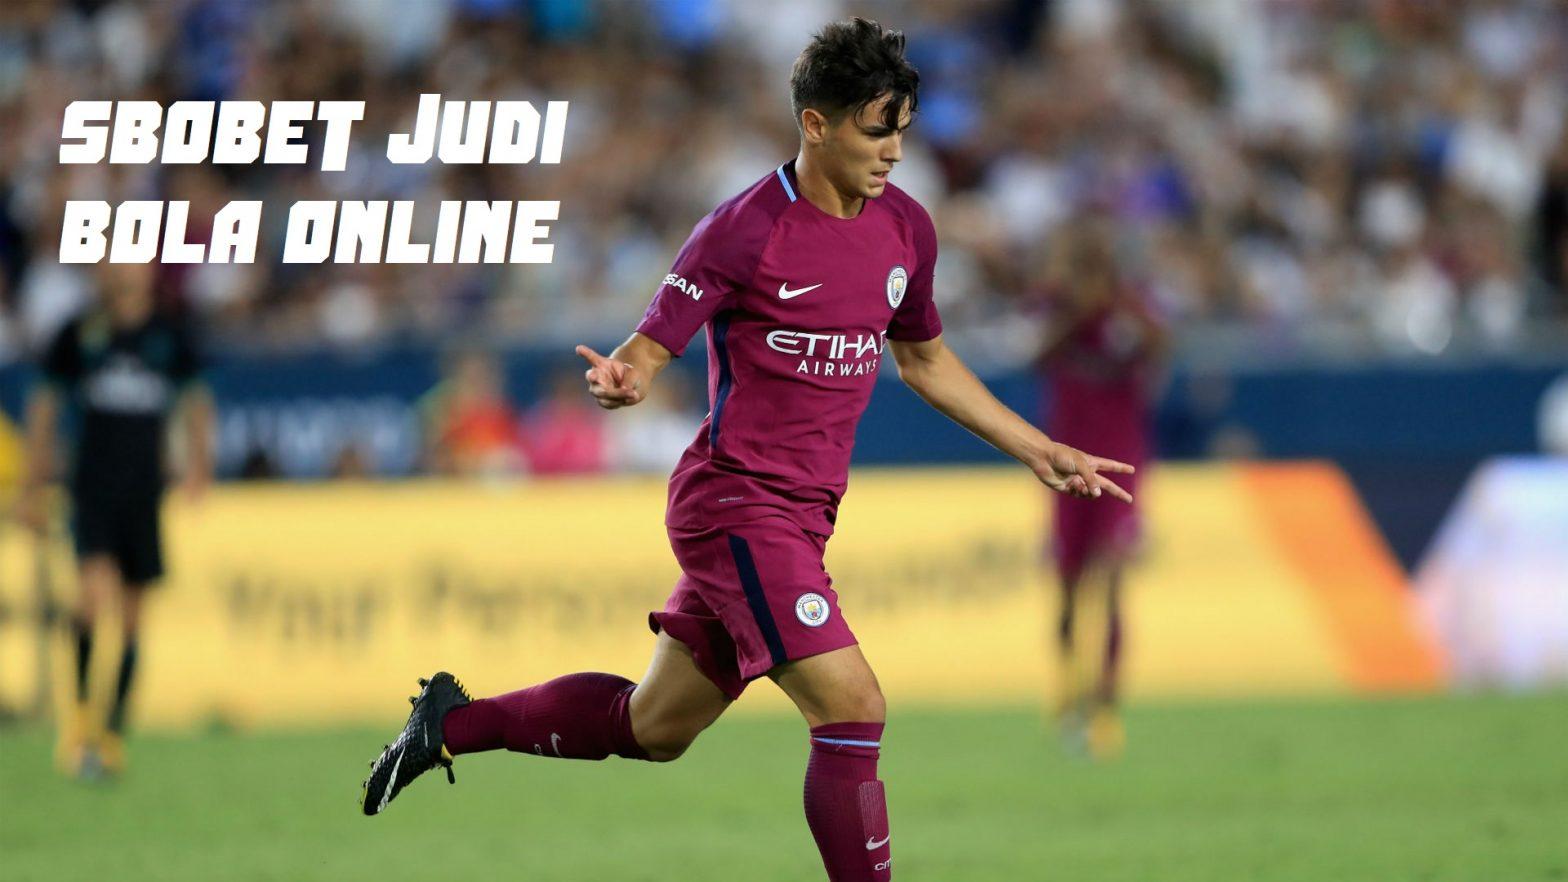 Sbobet Judi Bola Online